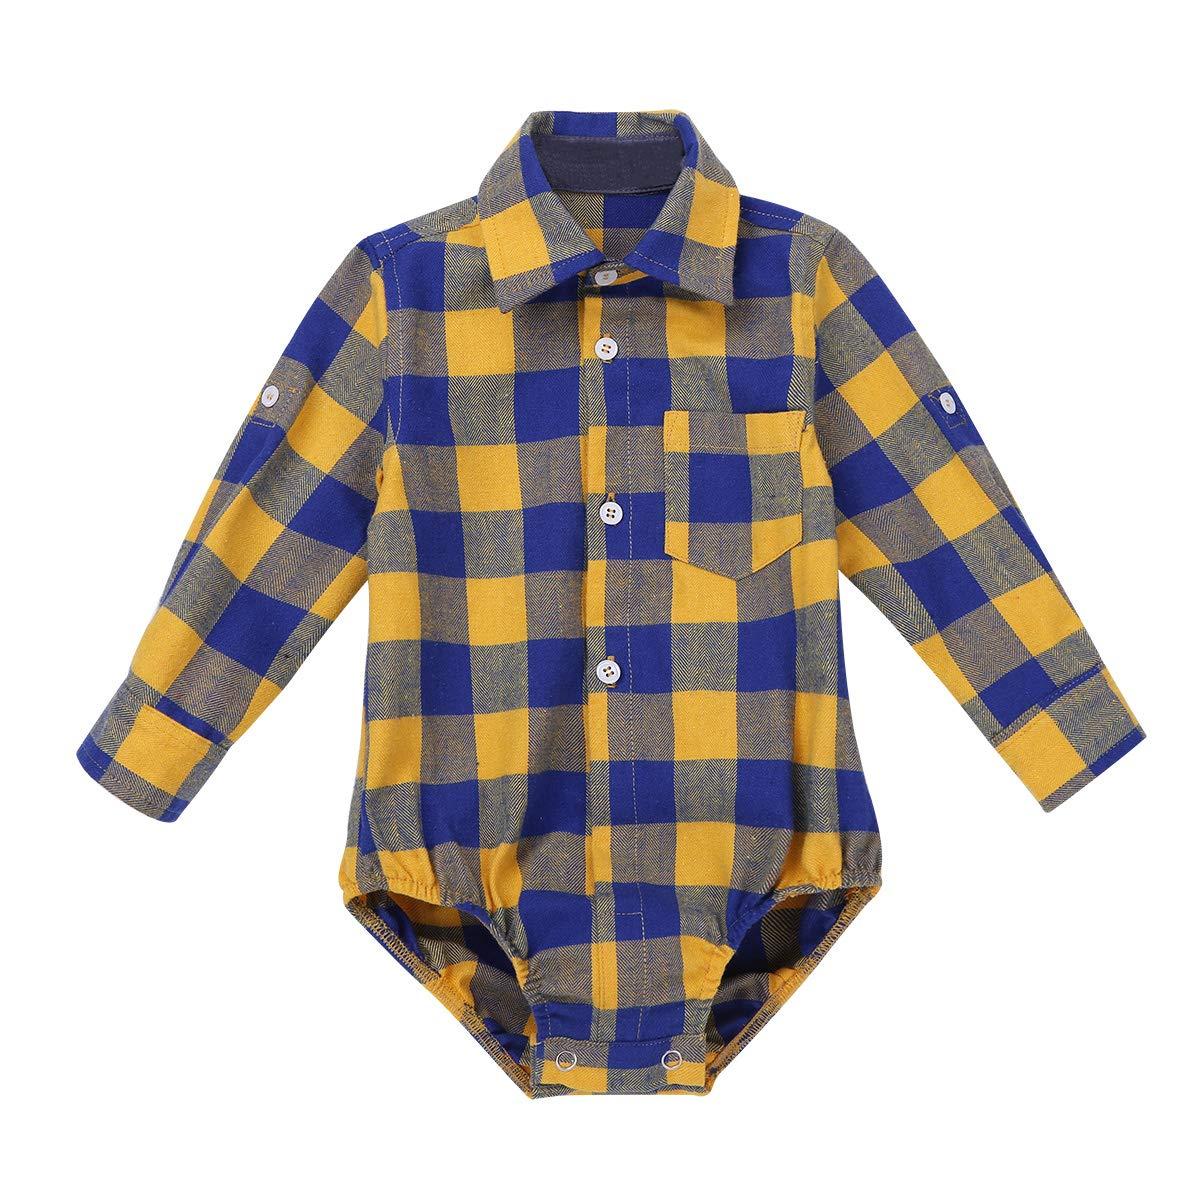 Freebily Unisex Baby Langarmbody Jungen Mädchen Hemd-Body Strampler Kariert Hemd Kleinkind Trachtenhemd mit Kragen Spielanzug Casual Hemd 3 Monate-24 Monate